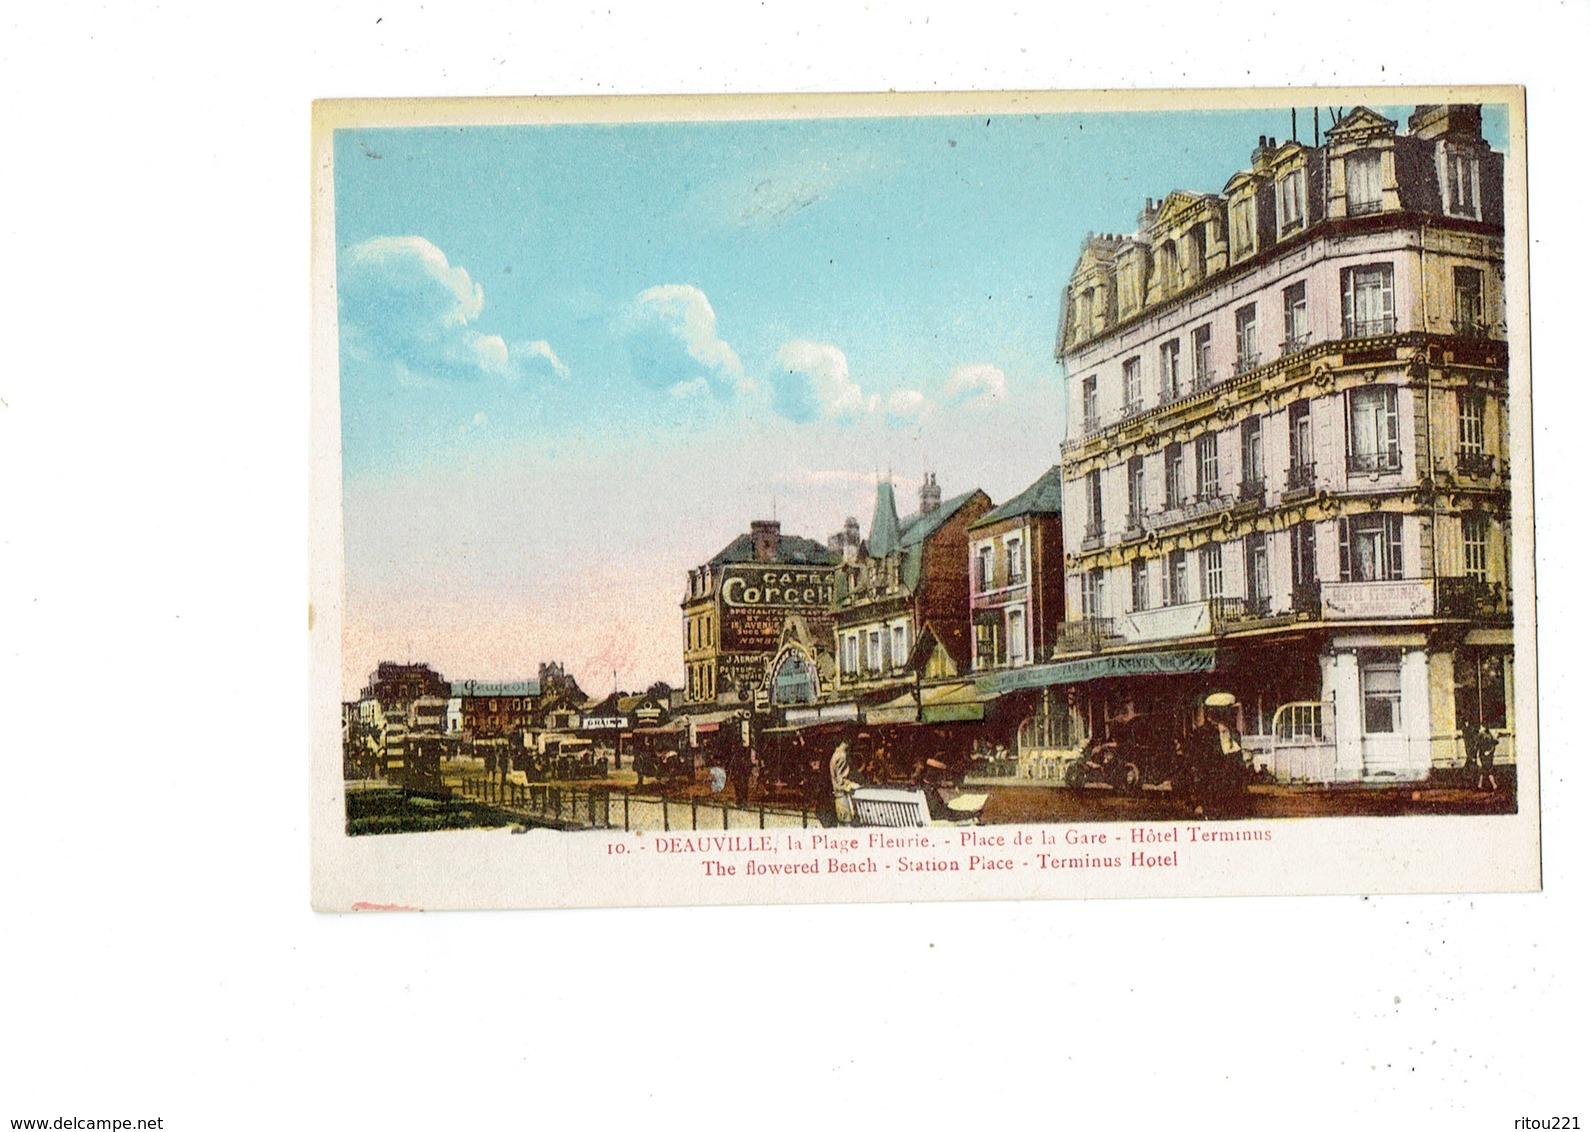 Cpa - 14 - DEAUVILLE - PLACE DE LA GARE - HOTEL TERMINUS Garage PEUGEOT - Publicité Café Corcellet - Deauville